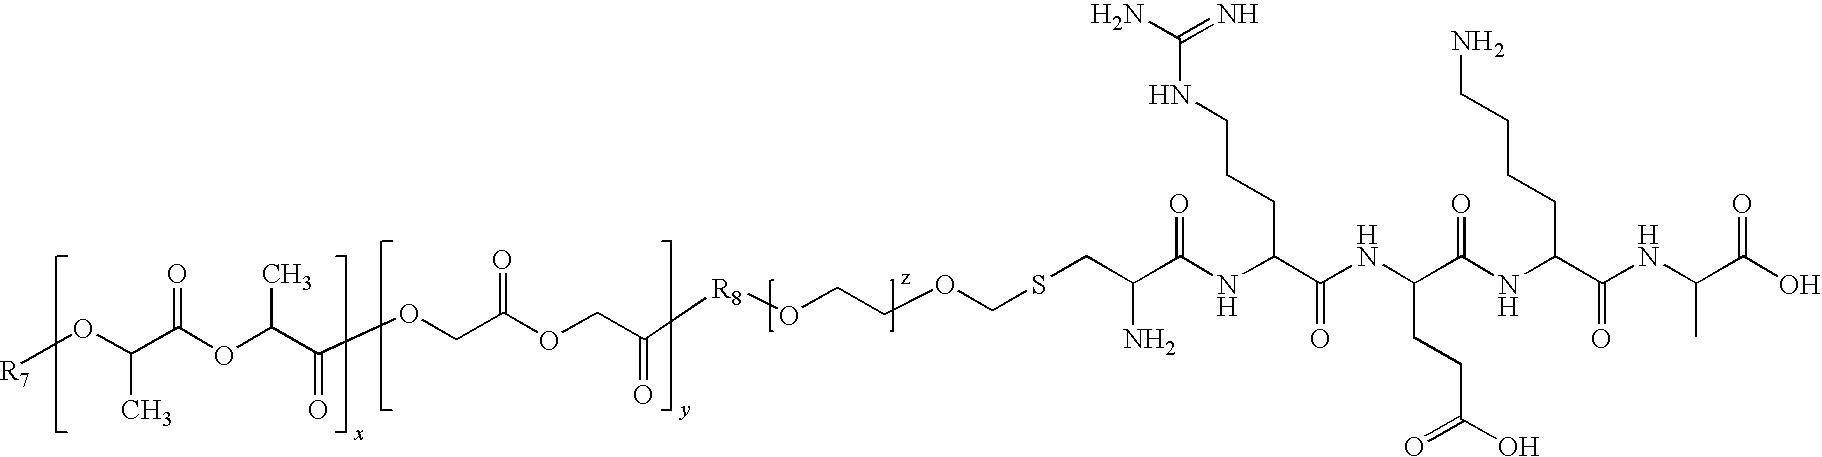 Figure US20090074828A1-20090319-C00006